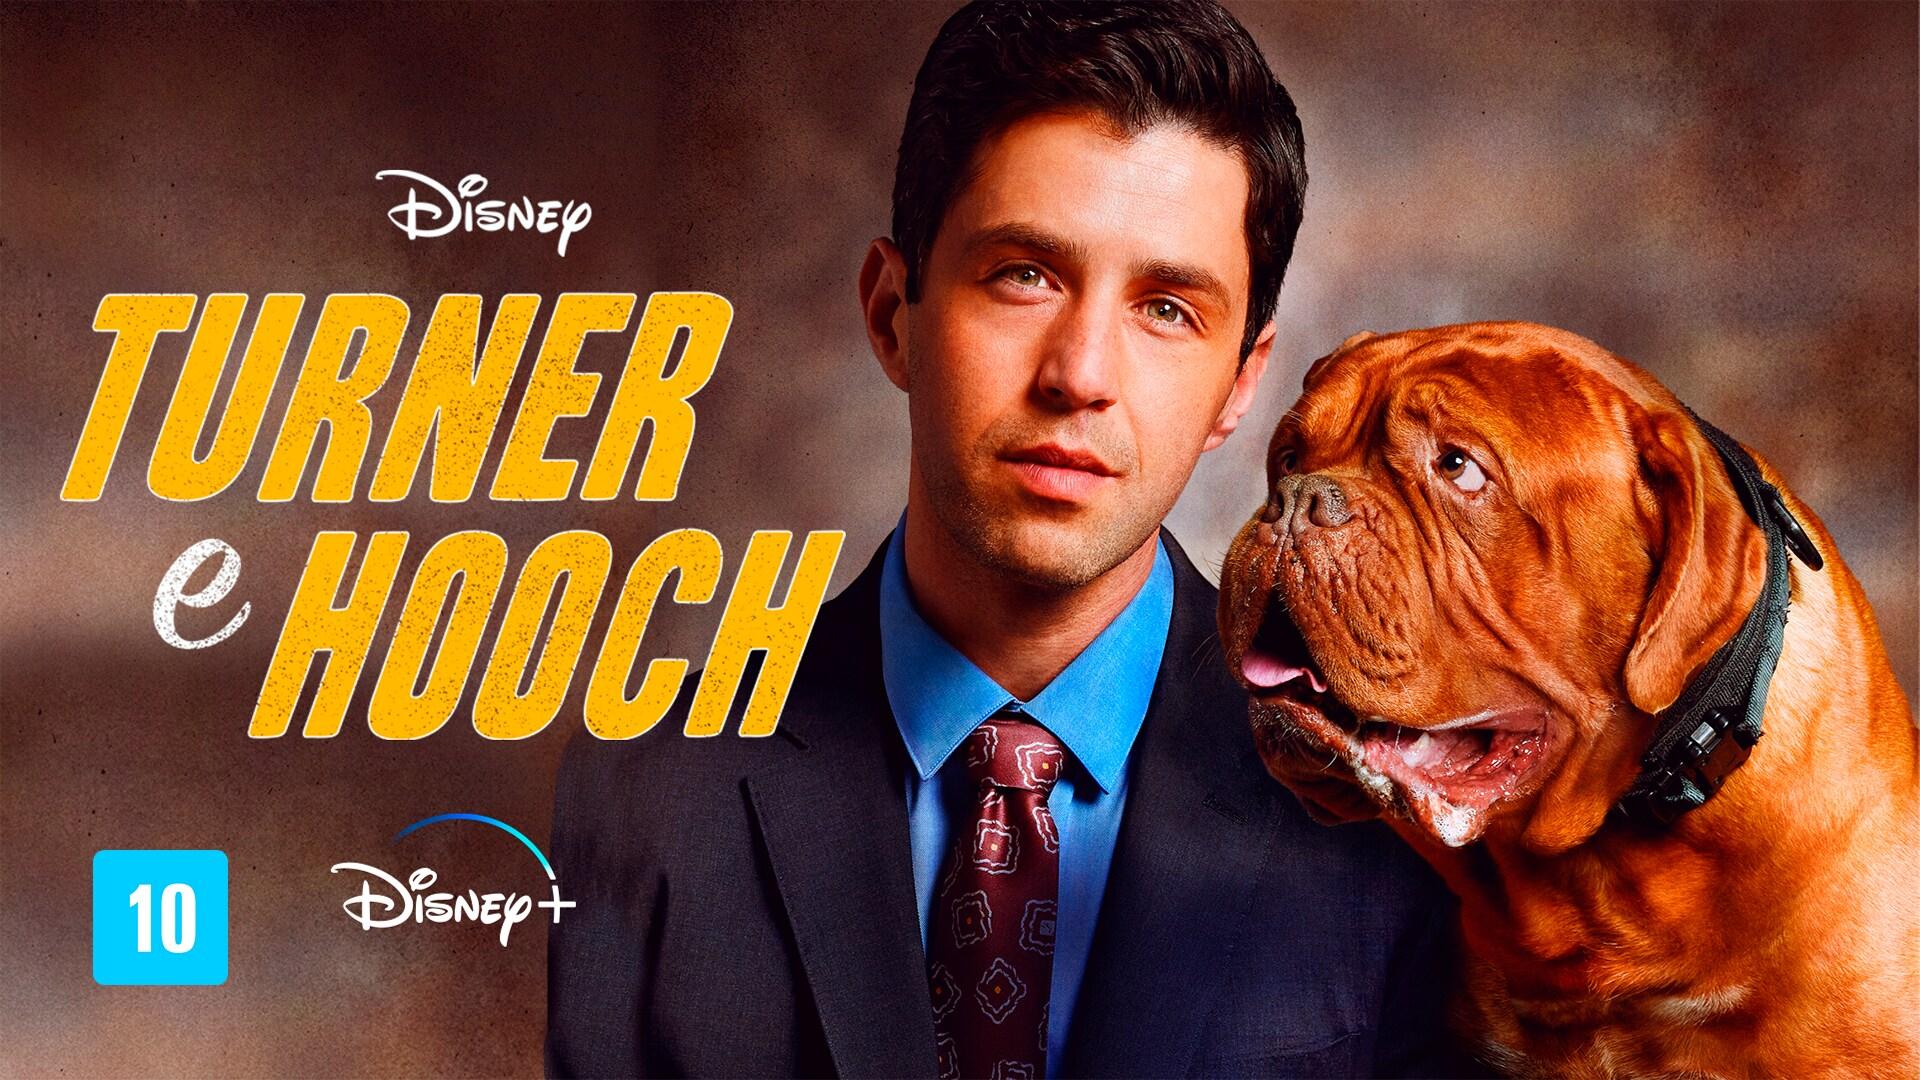 Turner e Hooch  - Só no Disney+